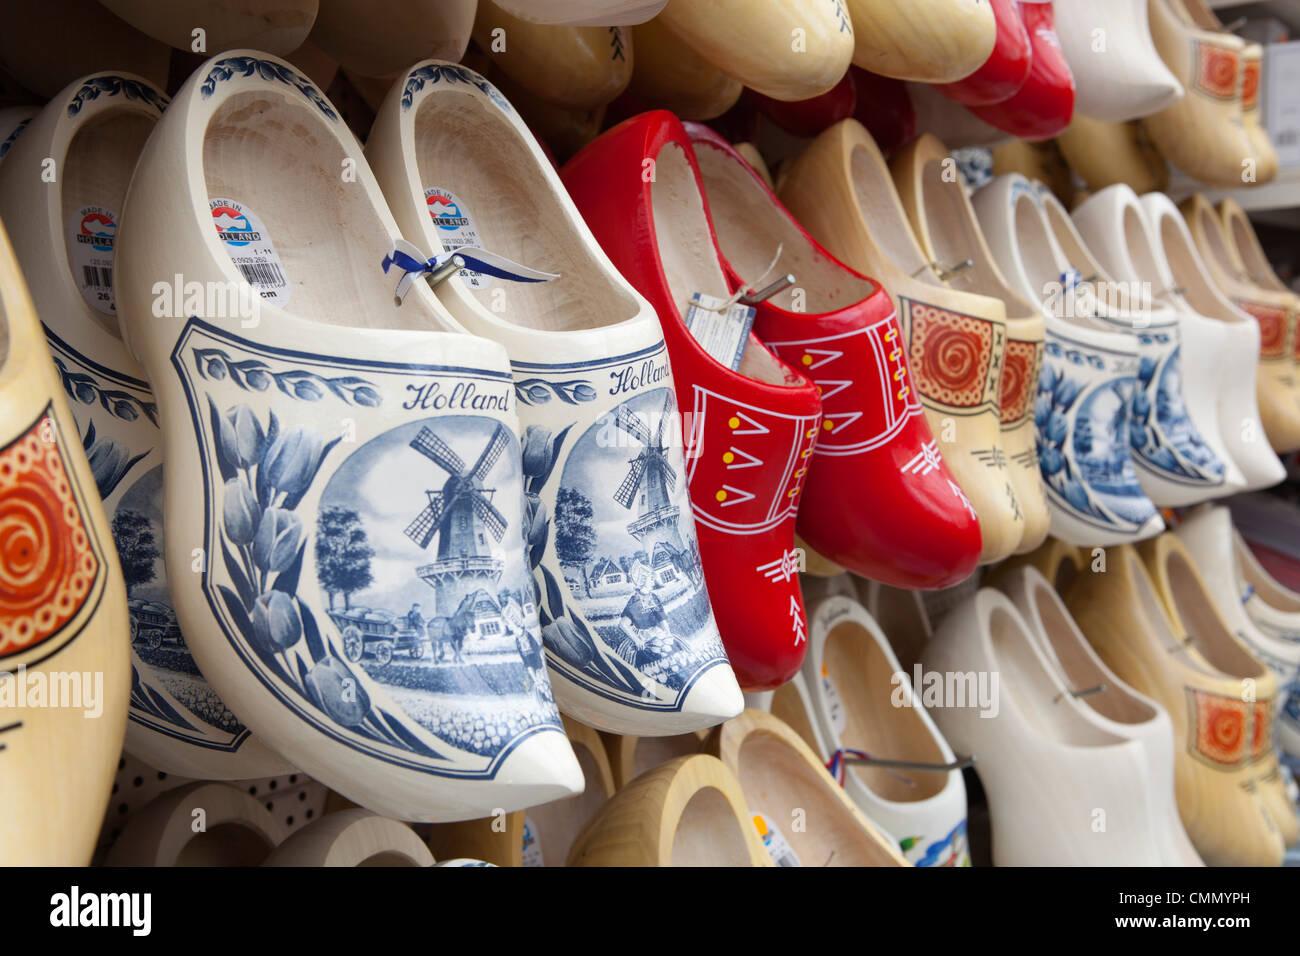 Sabots néerlandais en bois dans une boutique de souvenirs, Amsterdam, Hollande du Nord, Pays-Bas, Europe Photo Stock